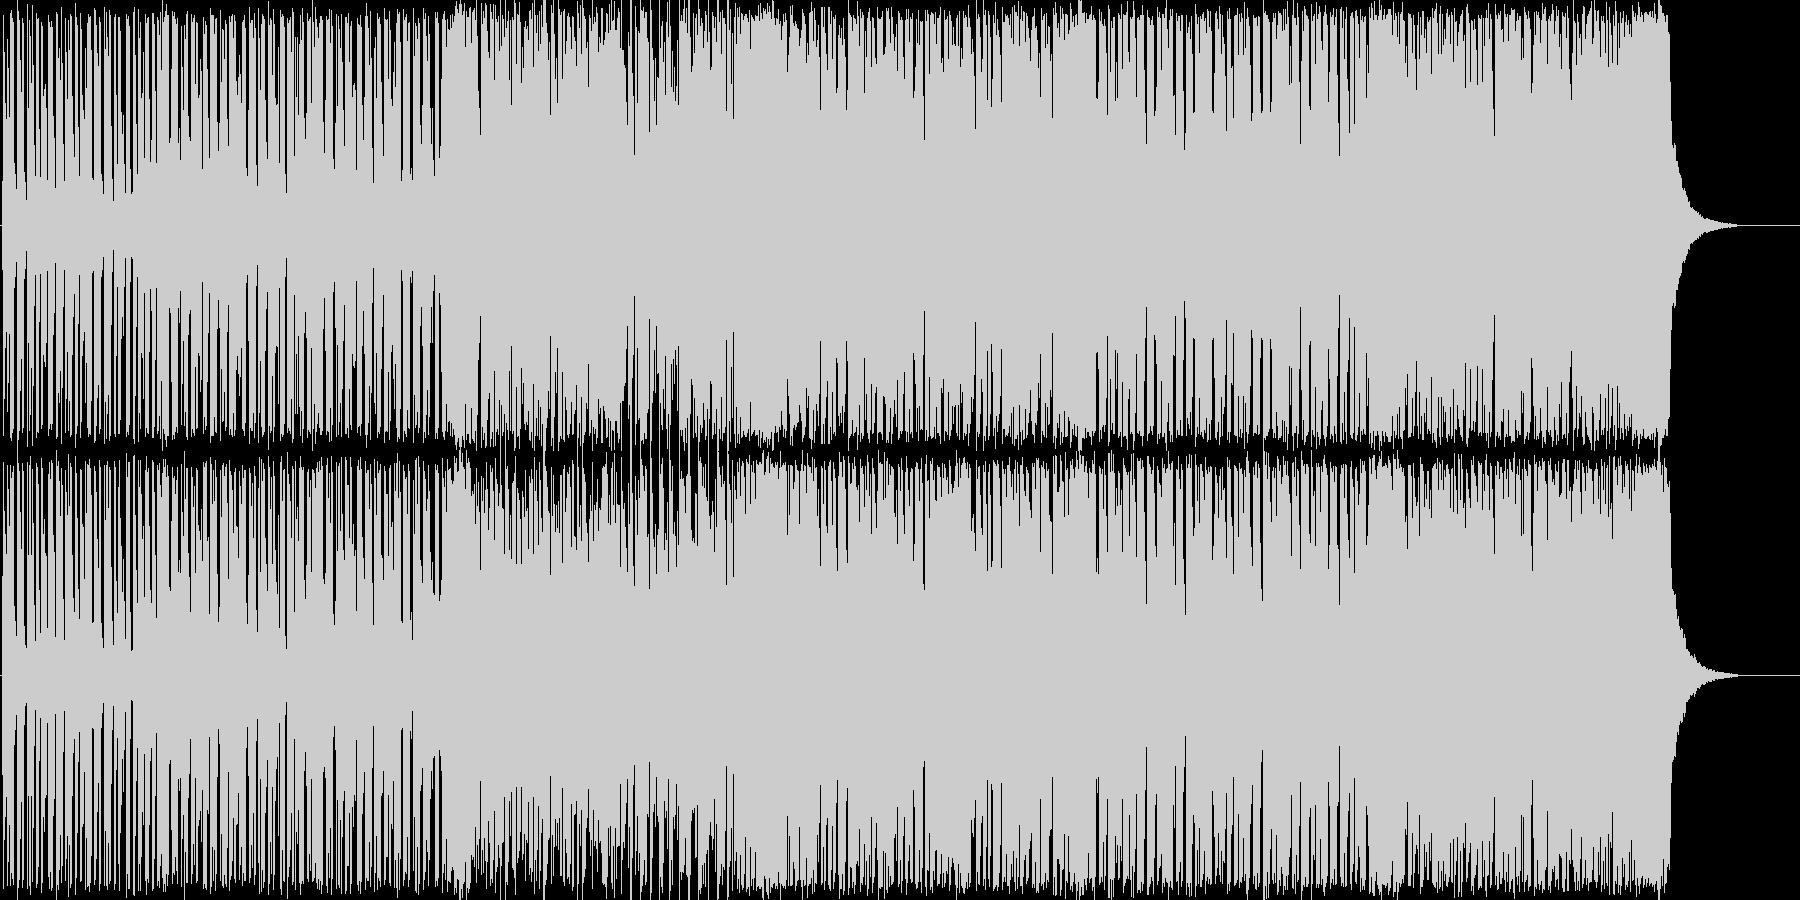 ポップで明るいBGMですの未再生の波形